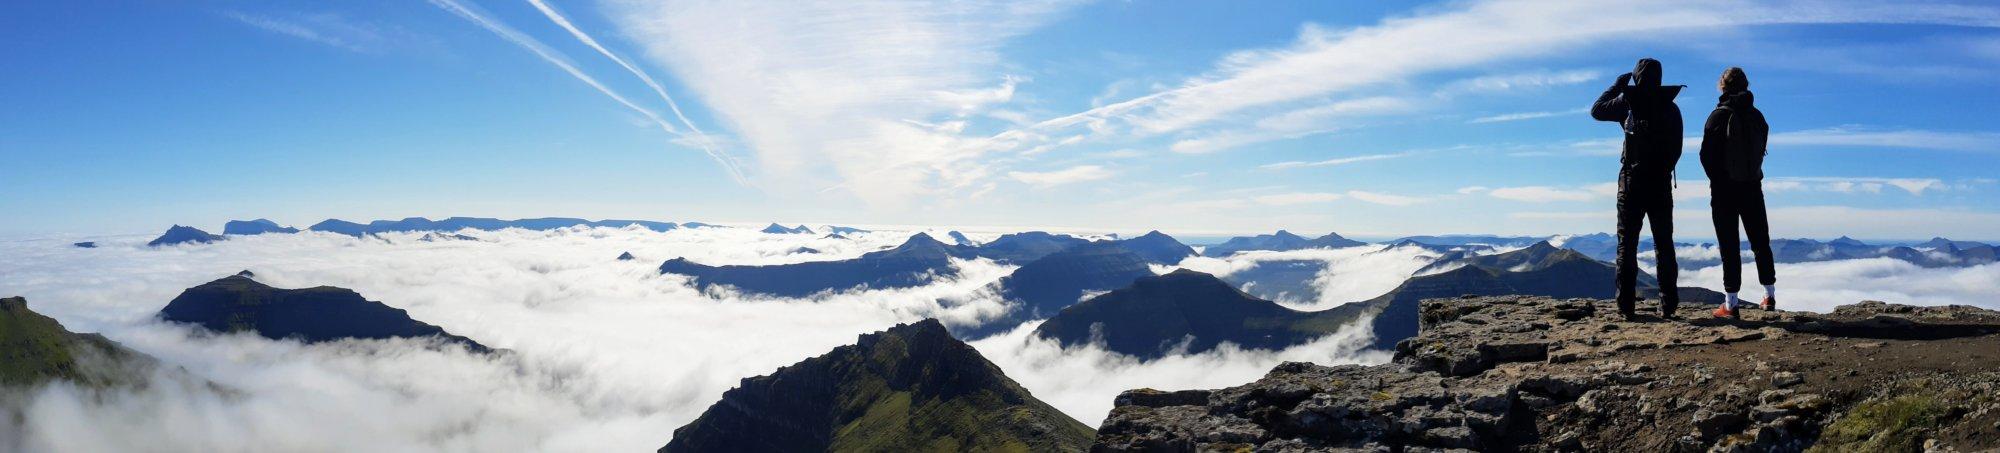 Widok na południe z najwyższego szczytu Wysp Owczych